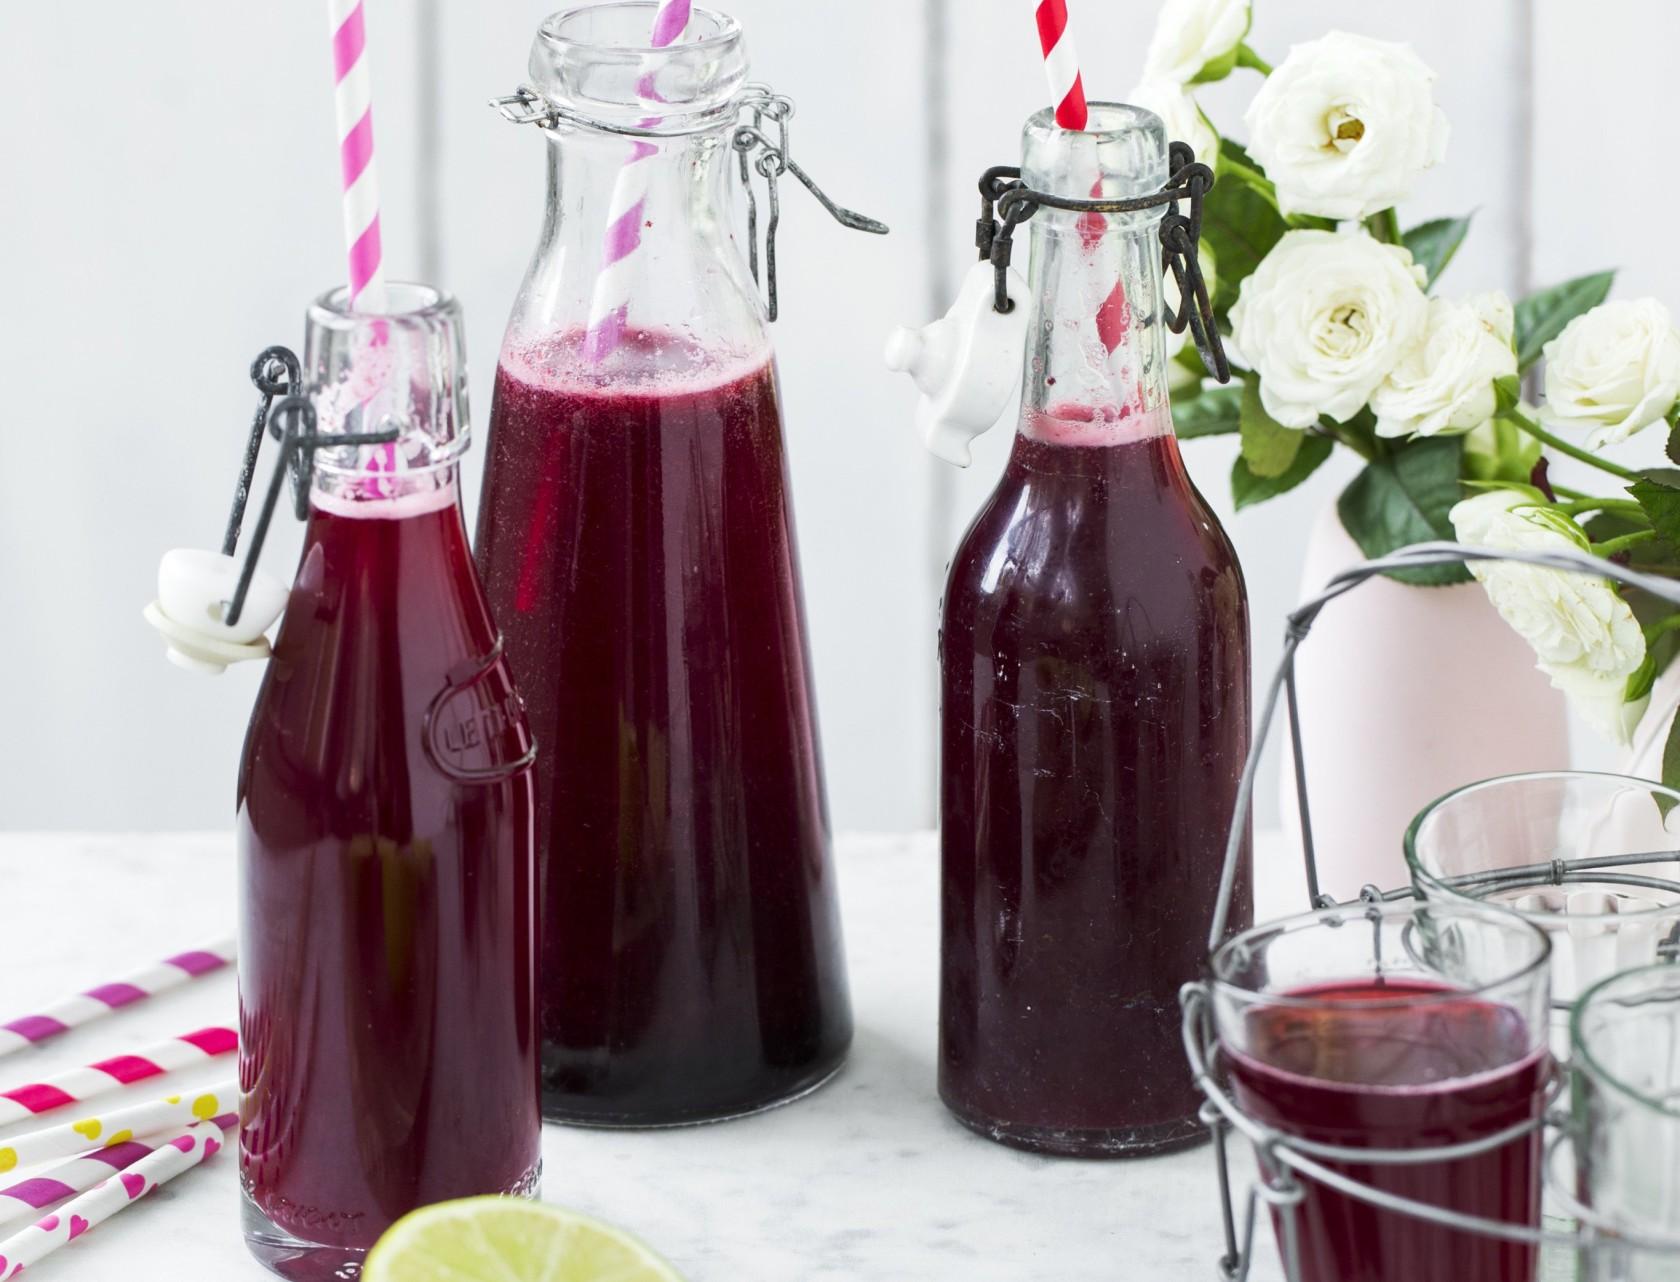 Solbærsaft med lime - den bedste opskrift på hjemmelavet saft!